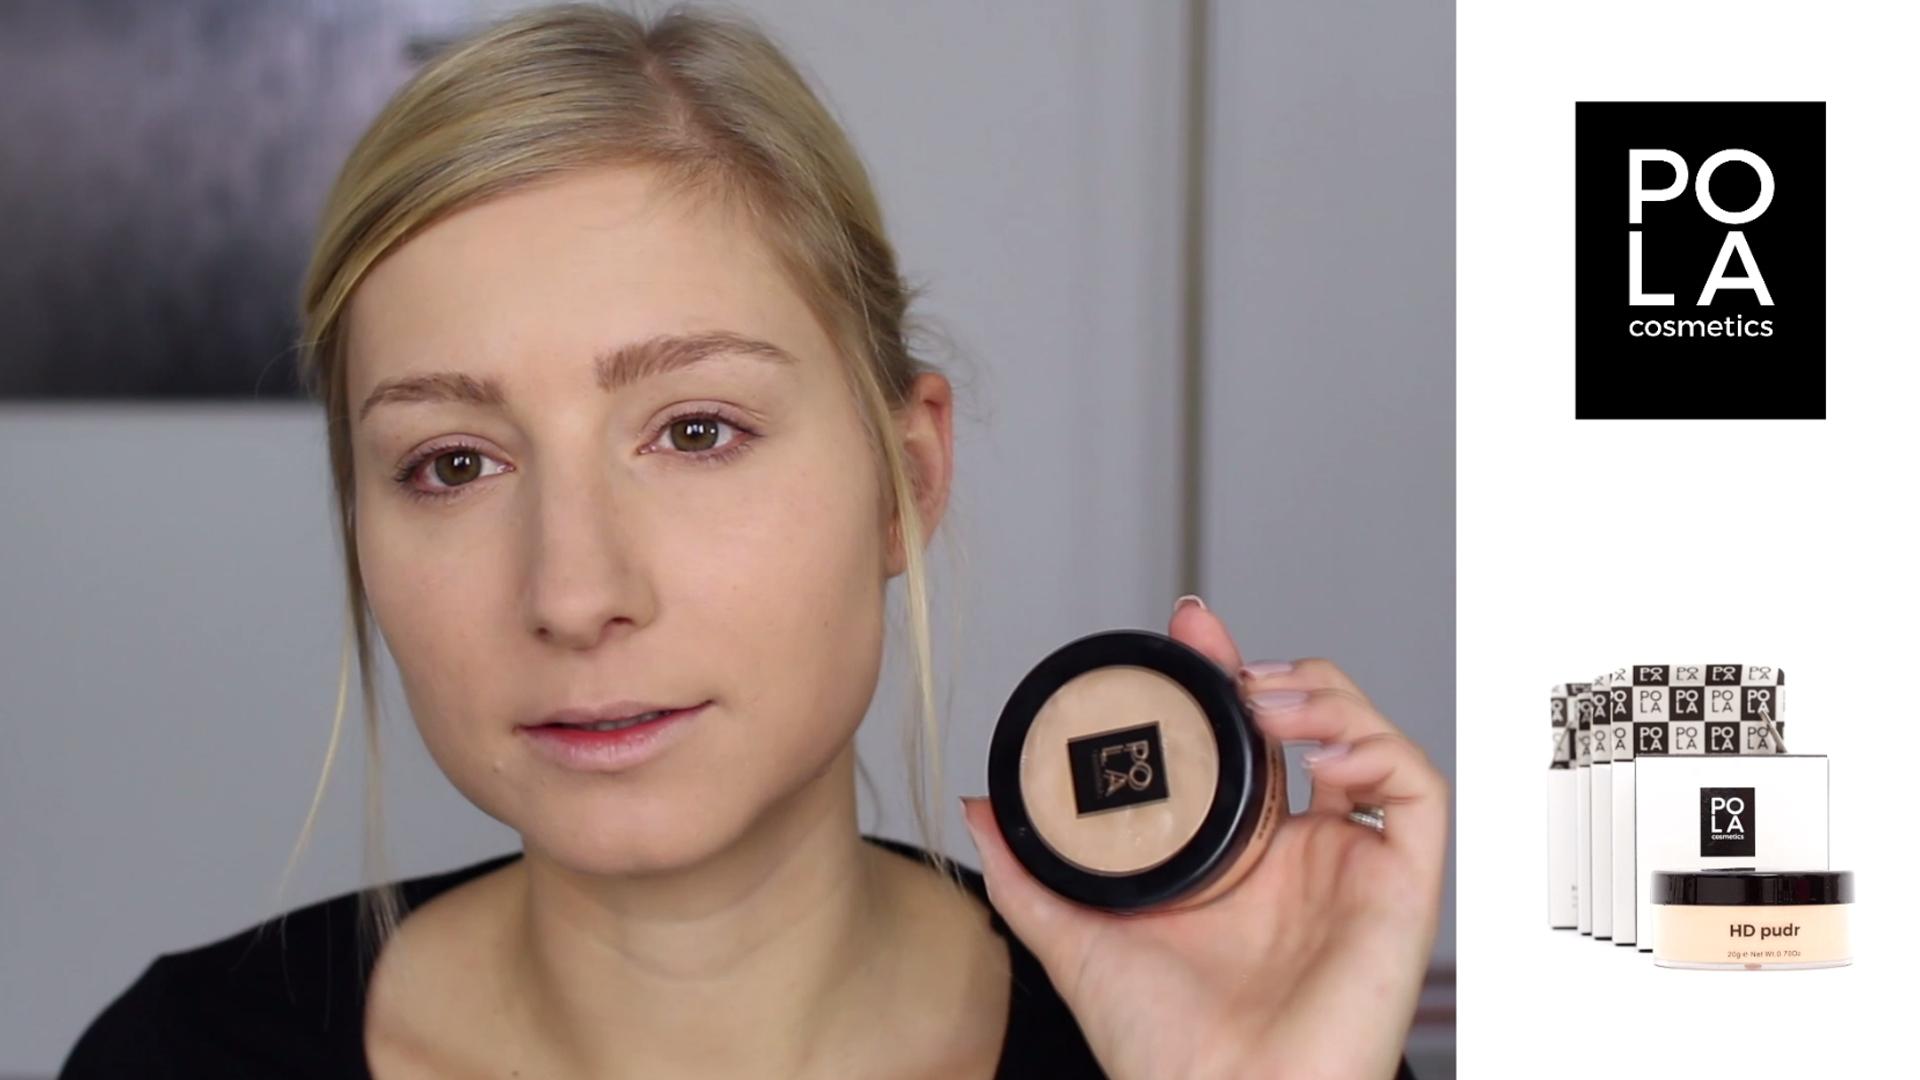 Testování a recenze HD pudru Pola Cosmetics - flabgee - Eva Šedivá